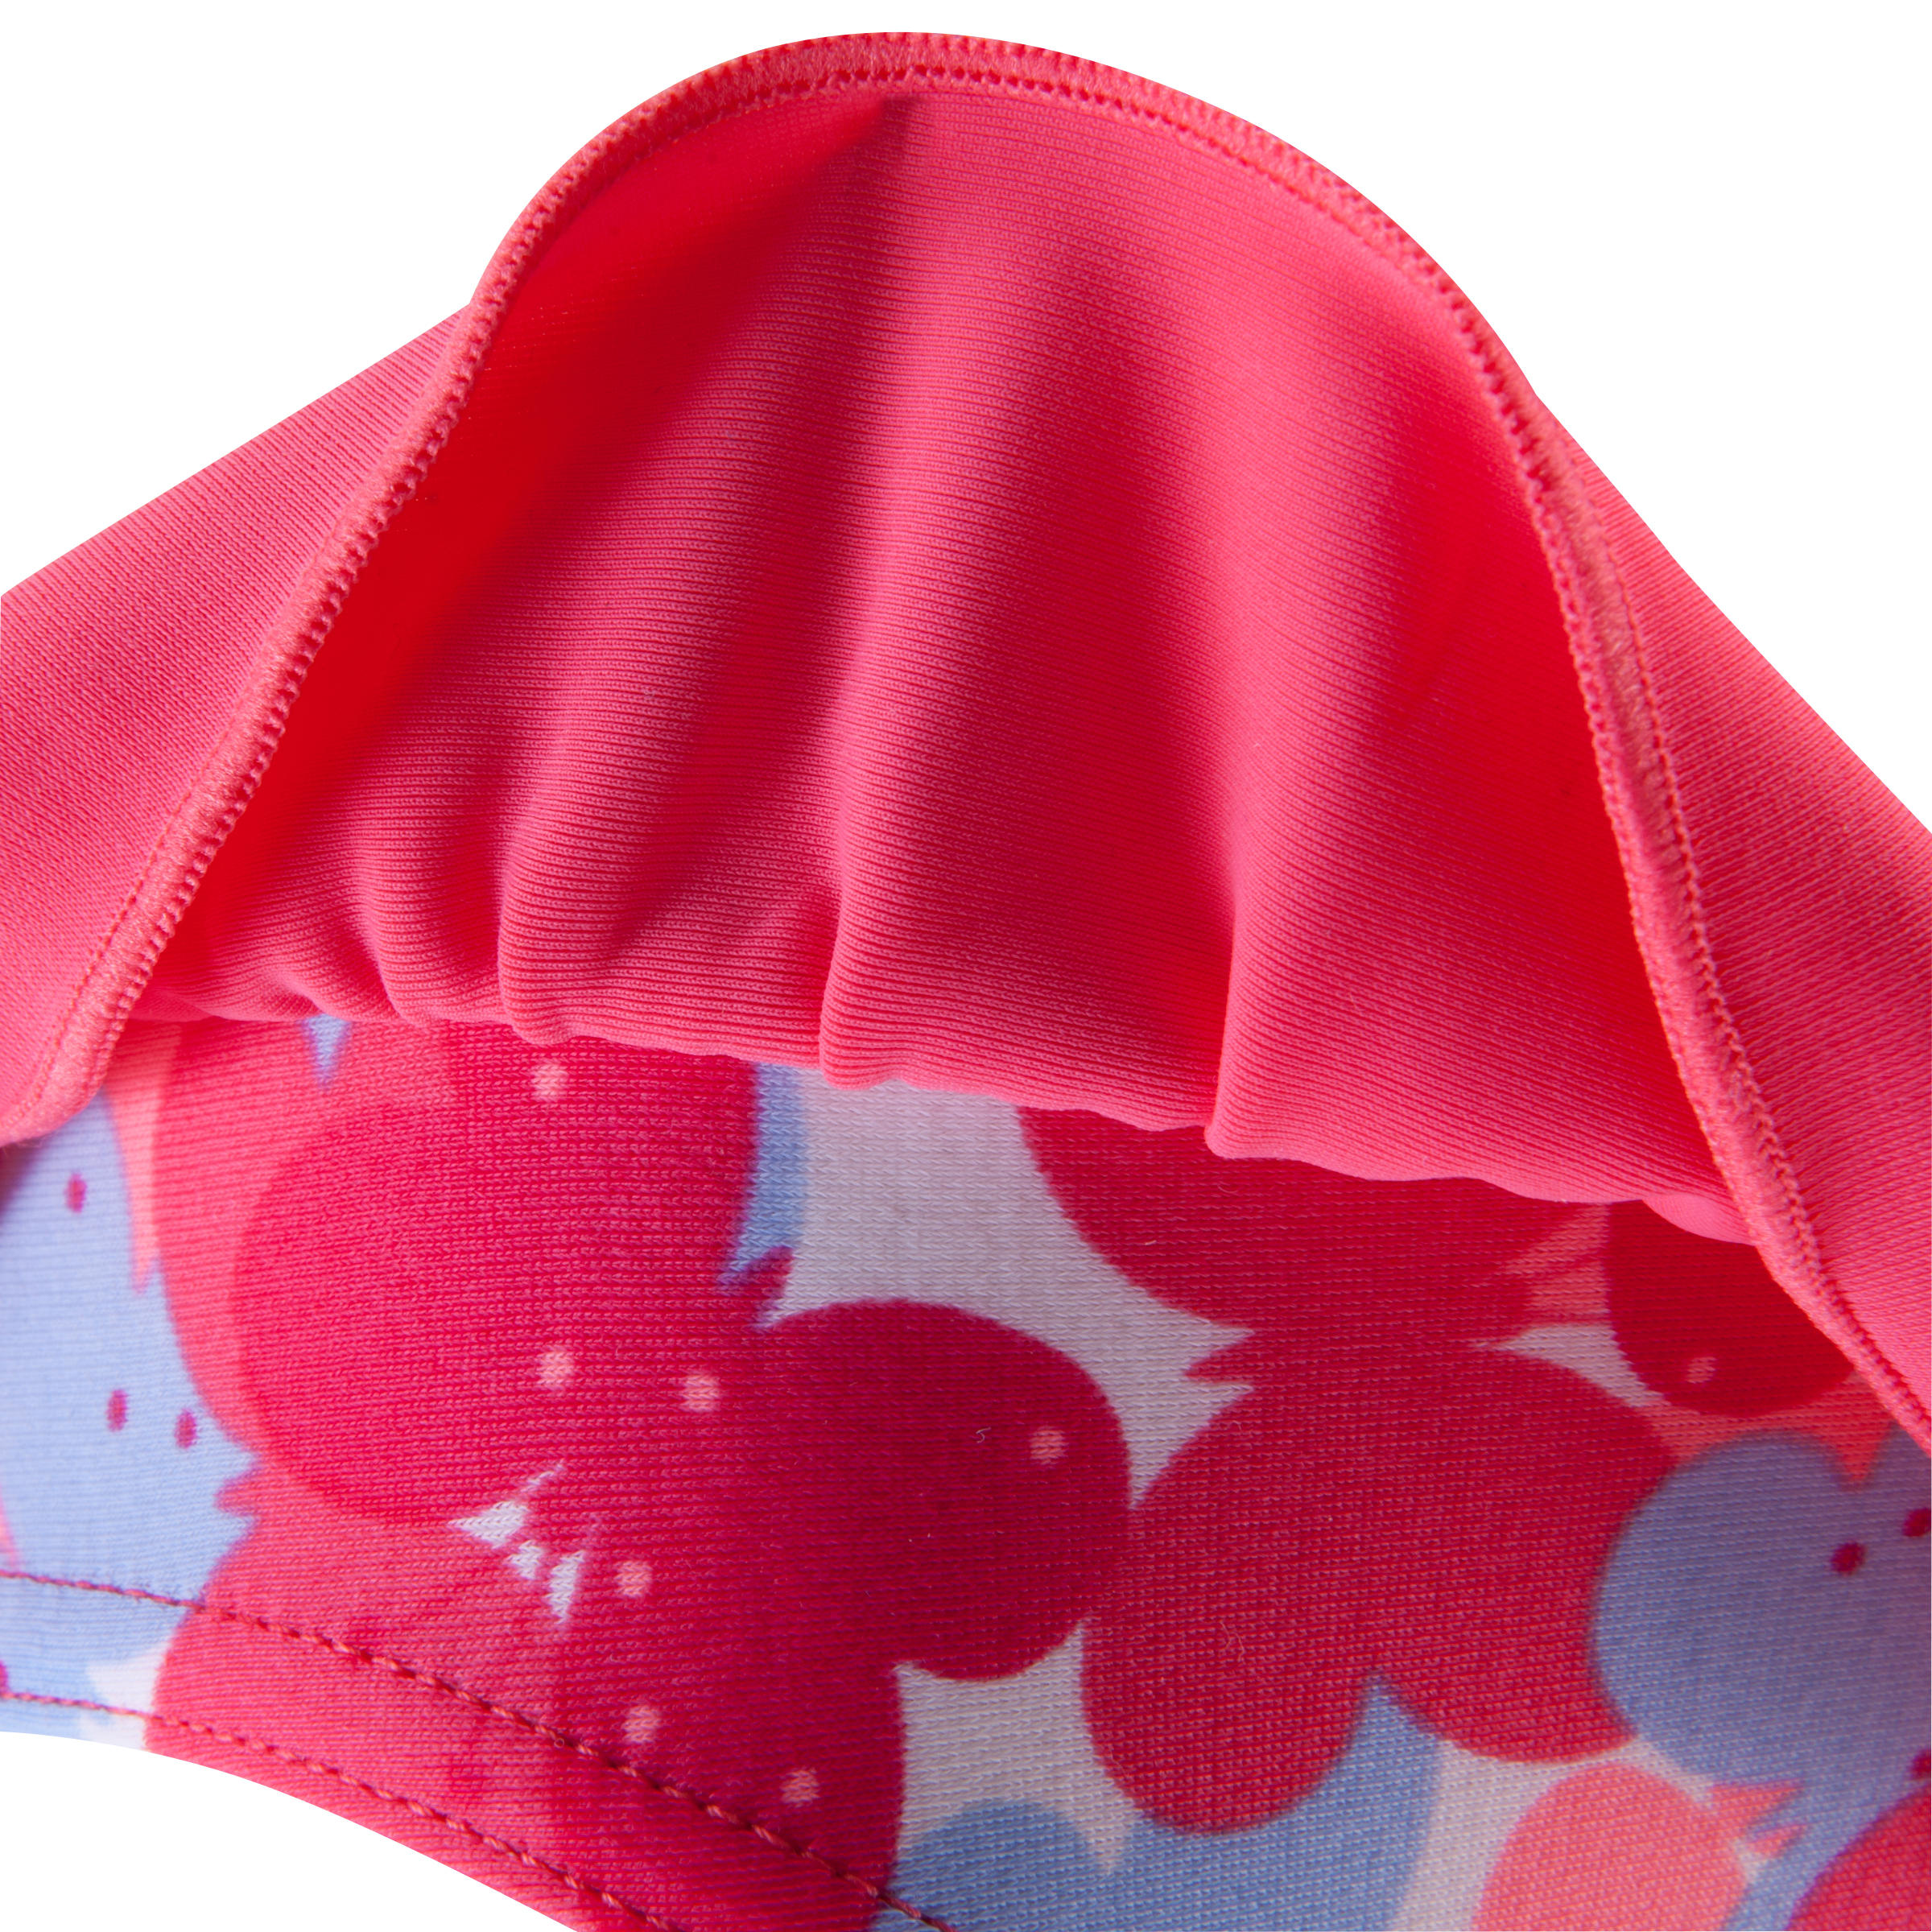 Maillot de bain une pièce culotte bébé fille rose imprimé papillons